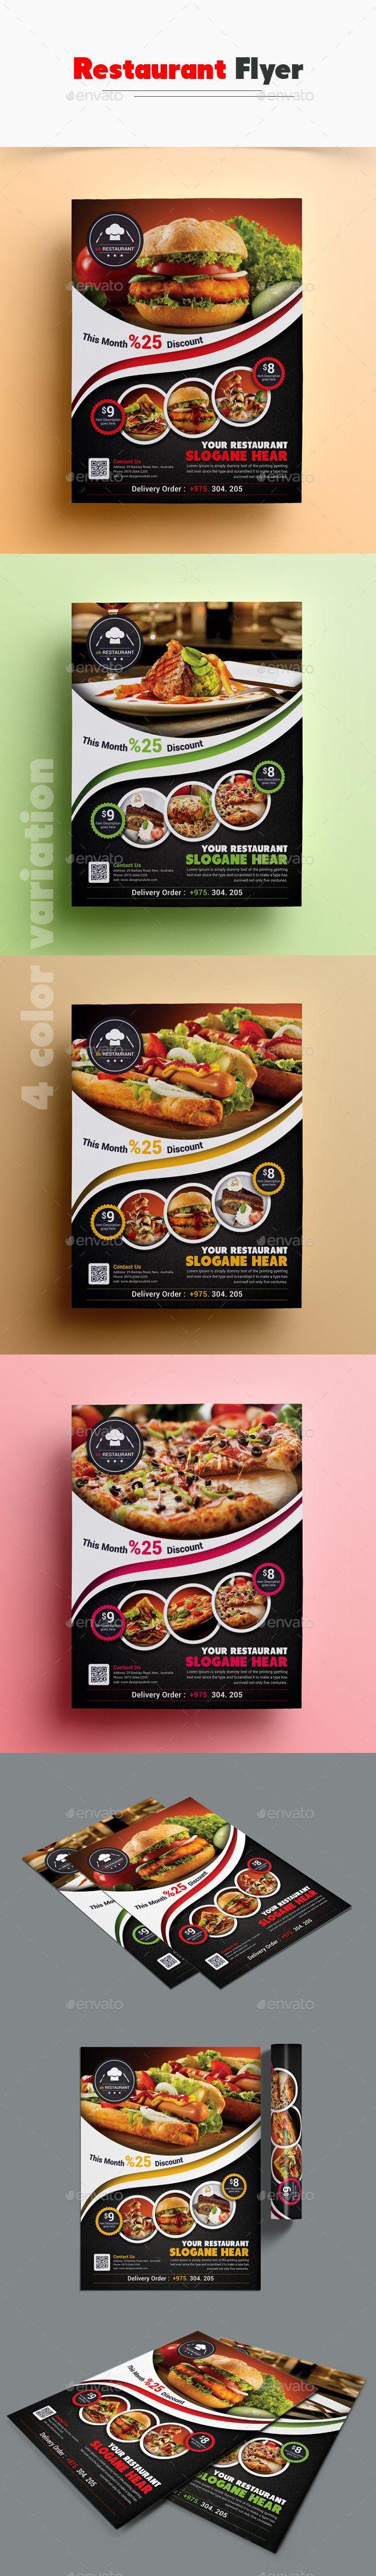 Restaurant Flyer Template PSD